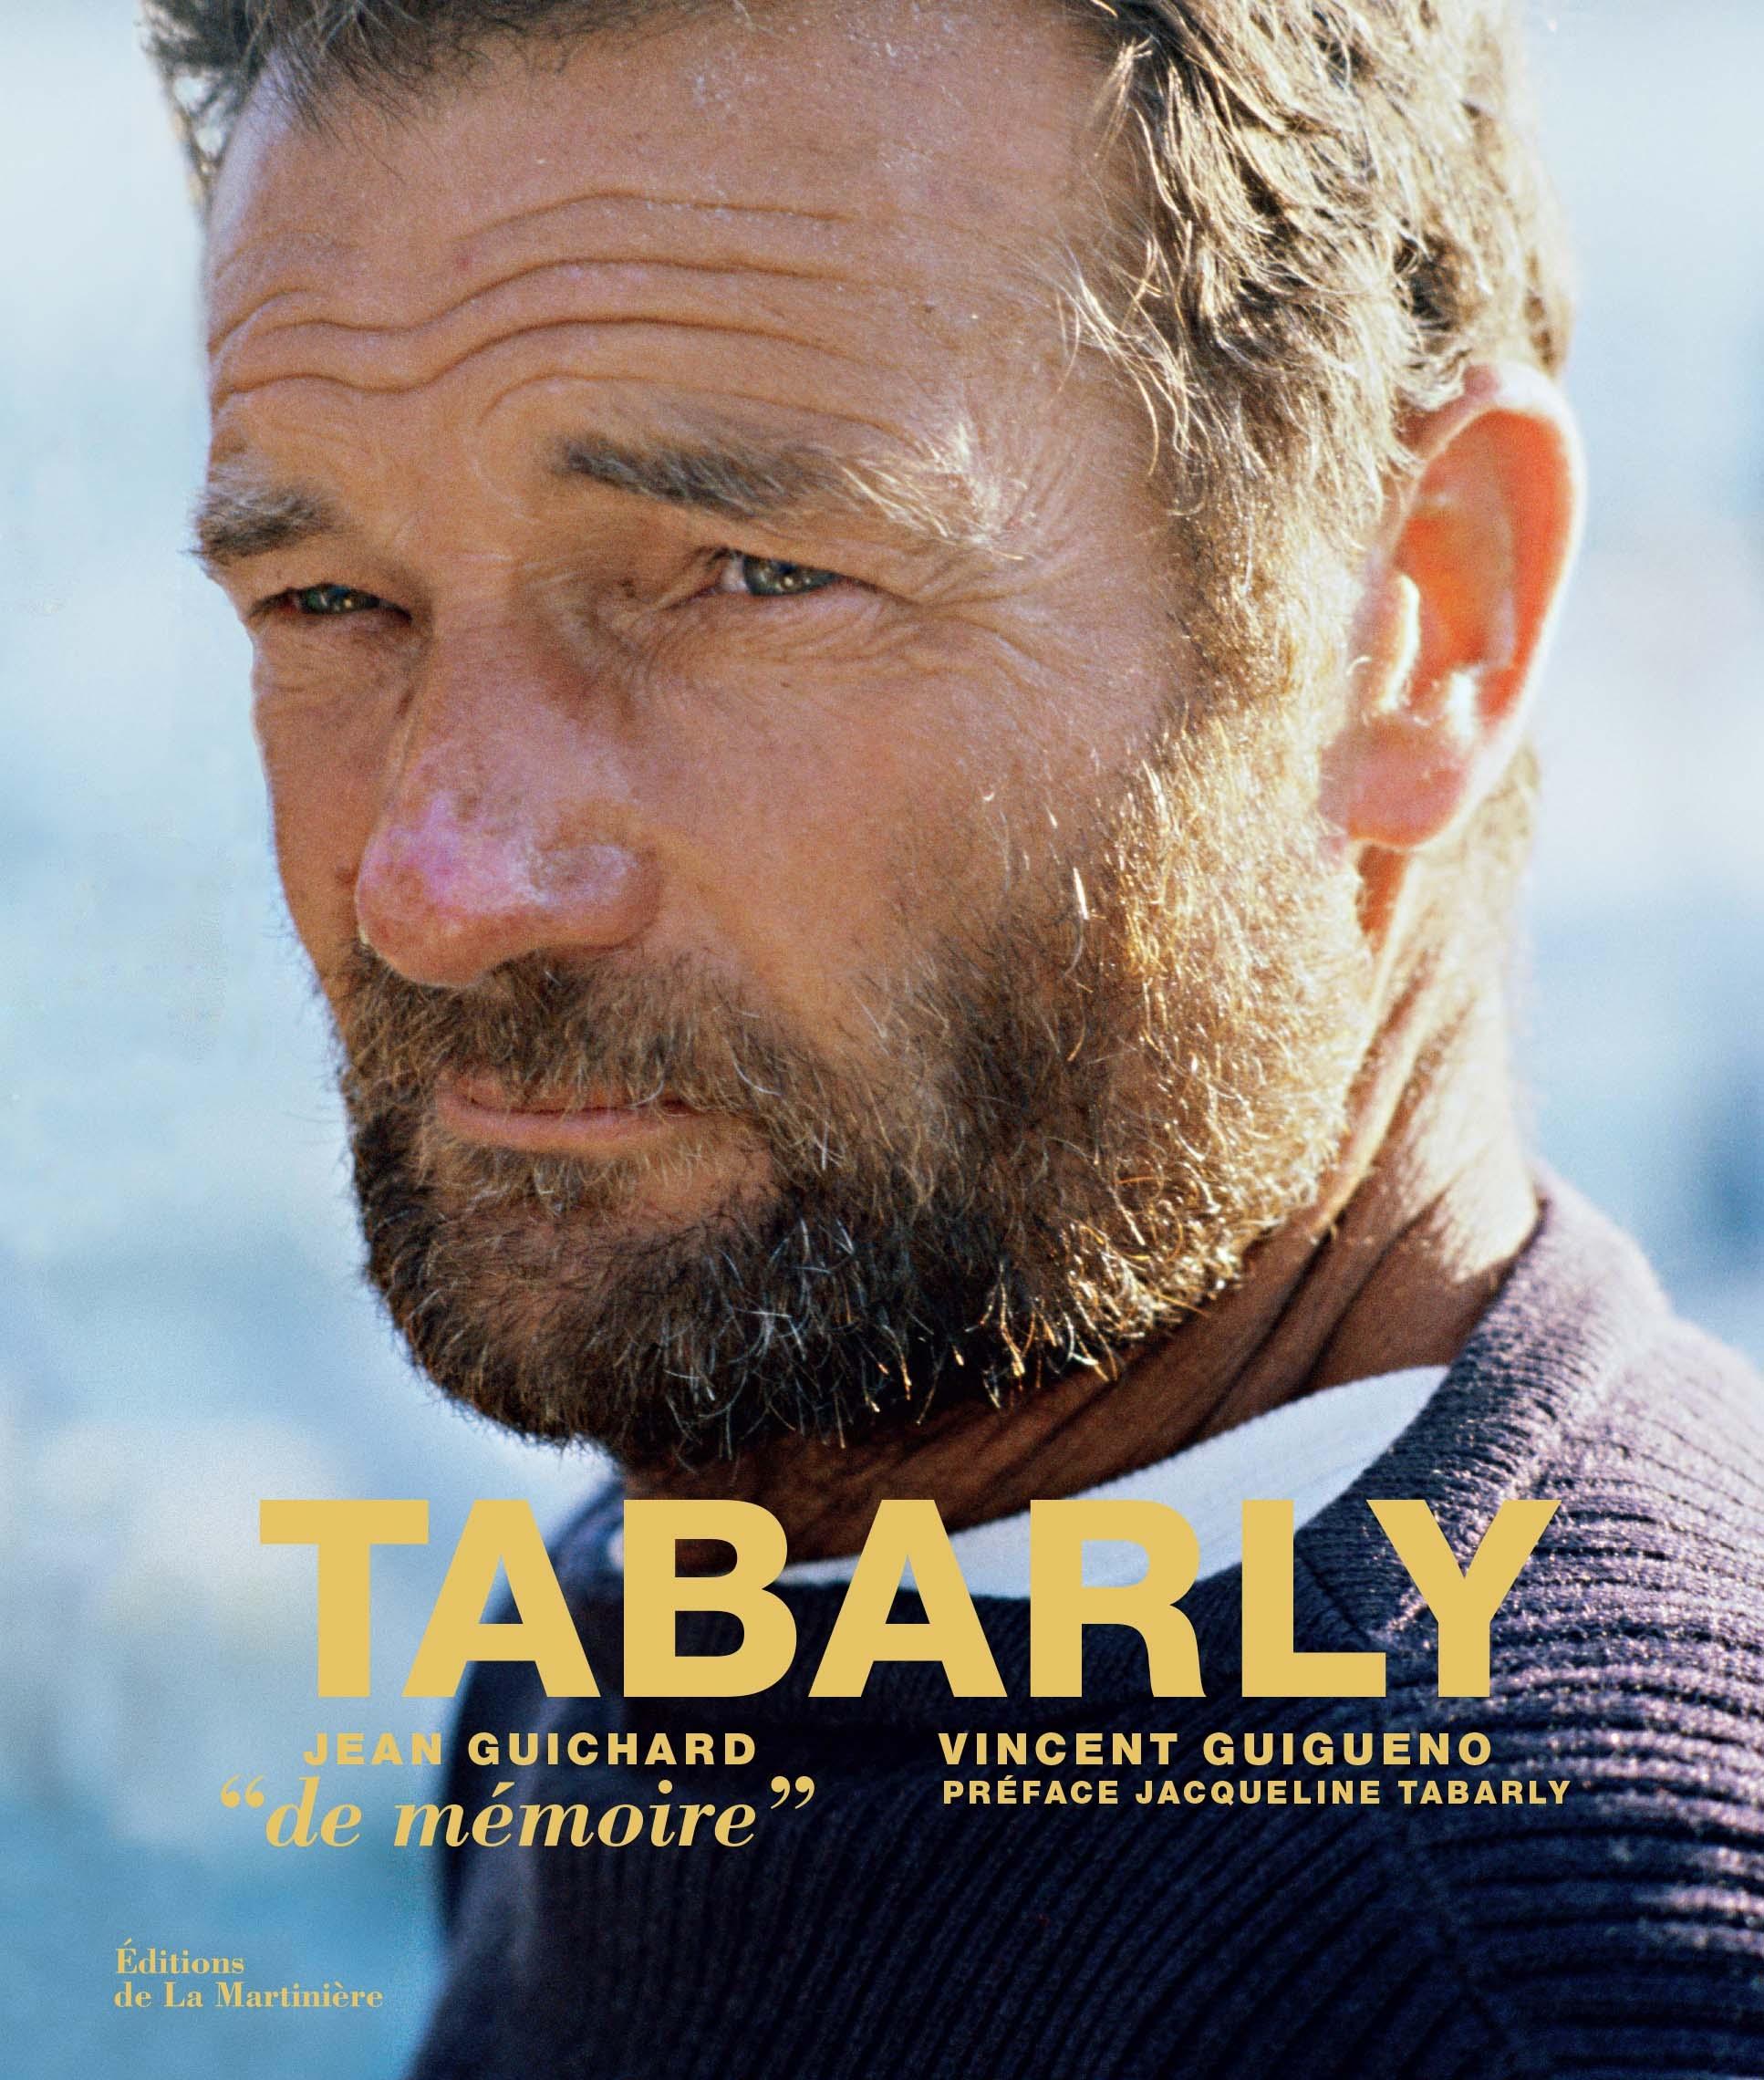 Couv Tabarly.JPEG